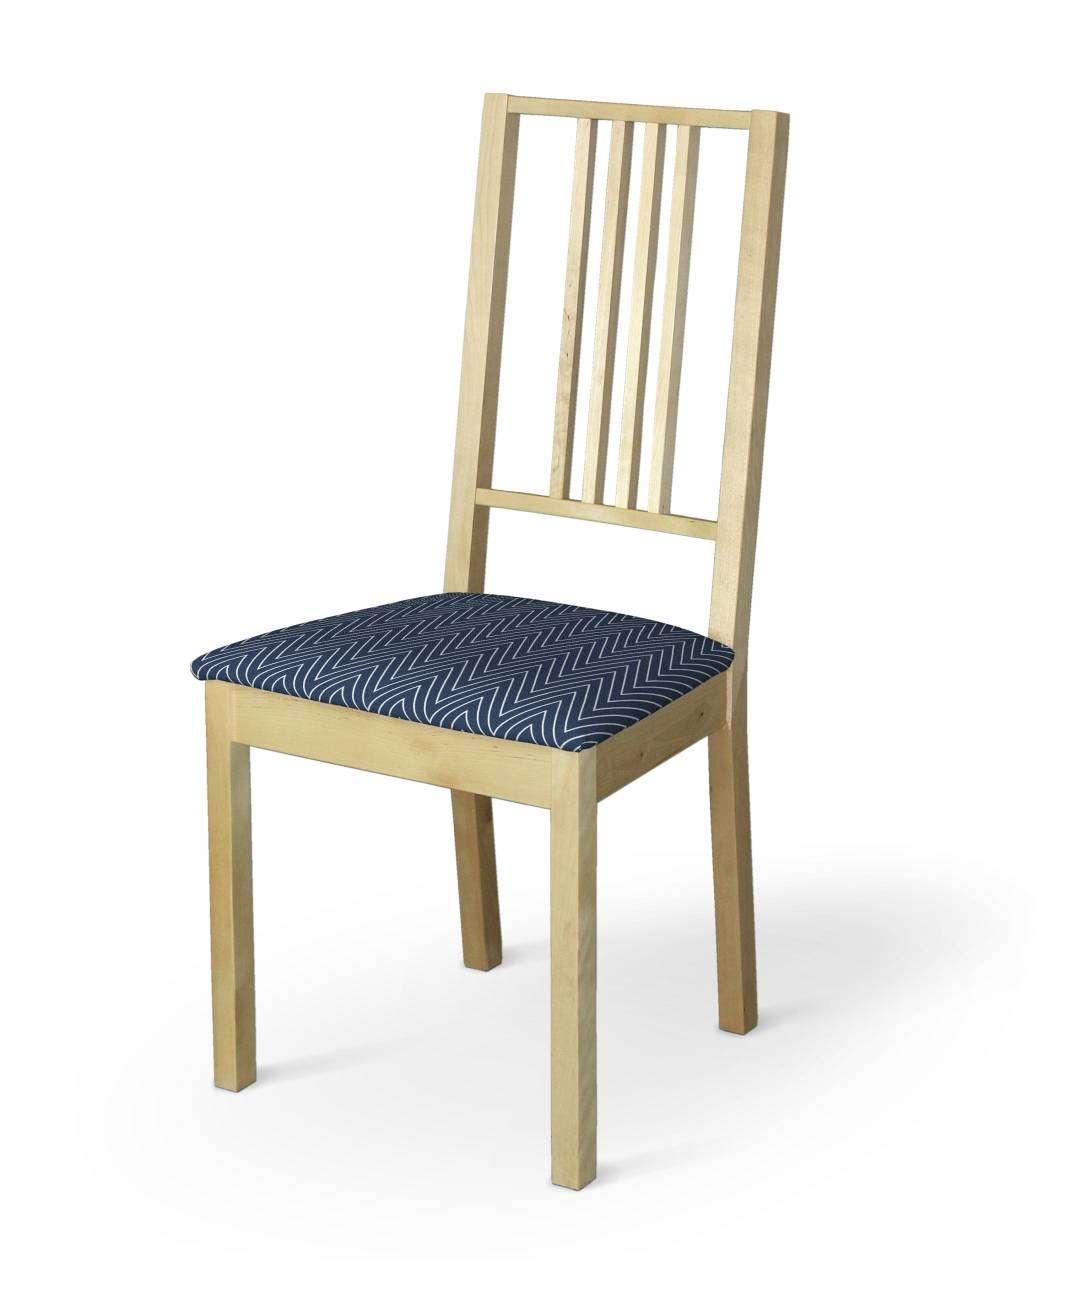 Börje kėdės užvalkalas Börje kėdės užvalkalas kolekcijoje Brooklyn, audinys: 137-88